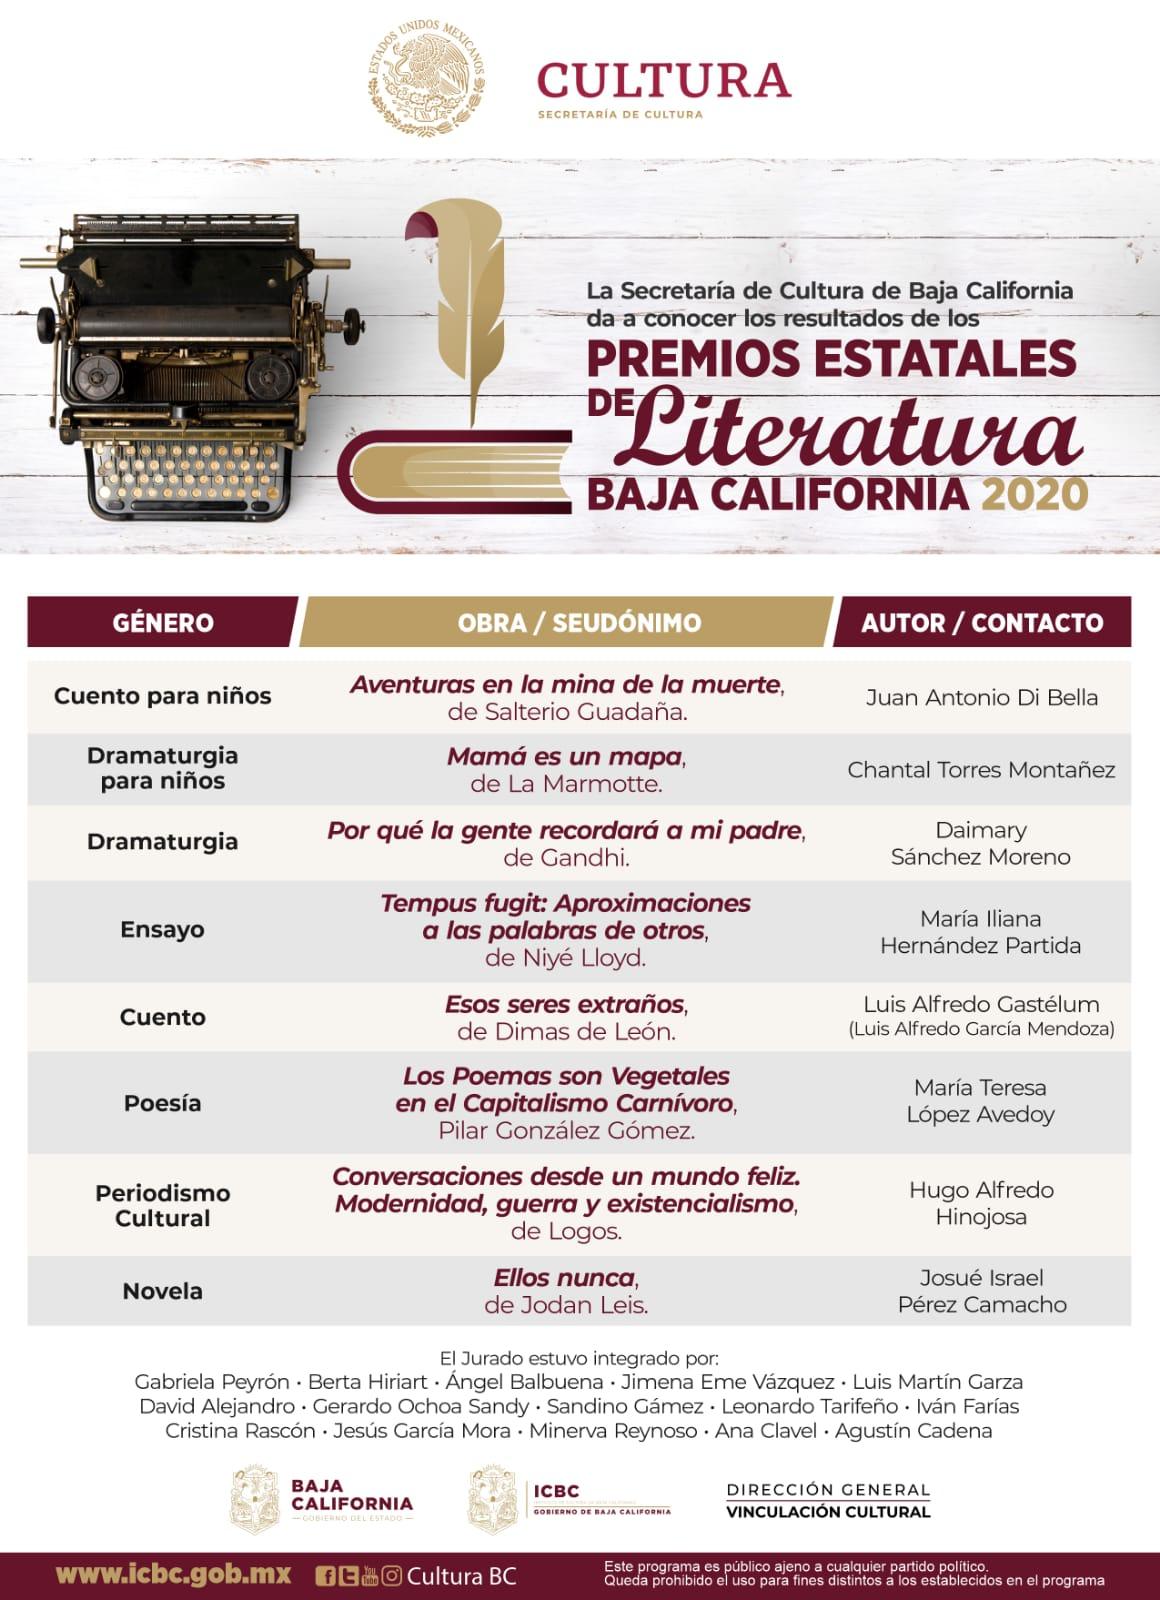 Tras más de un año de espera anuncian resultados de los Premios Estatales de Literatura